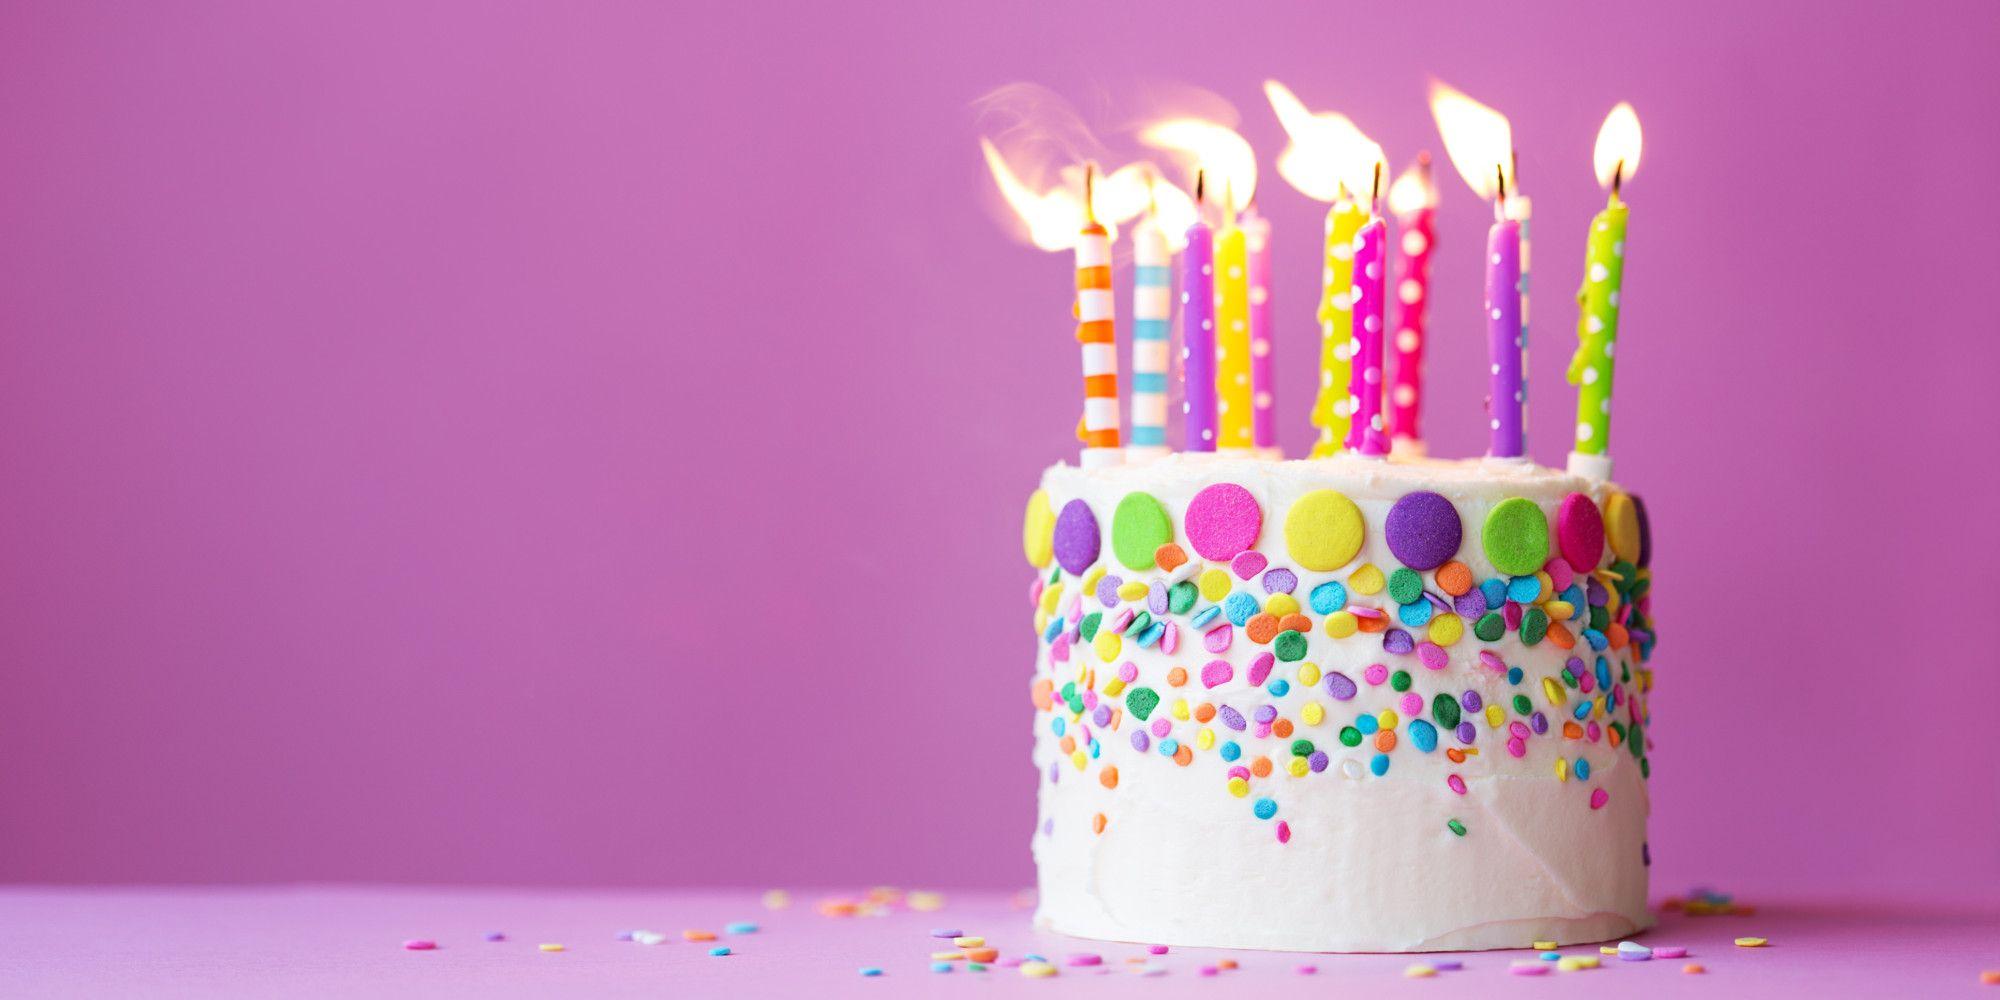 Danke für Geburtstagswünsche Geschäftlich Wertschätzende Zitate - 2021